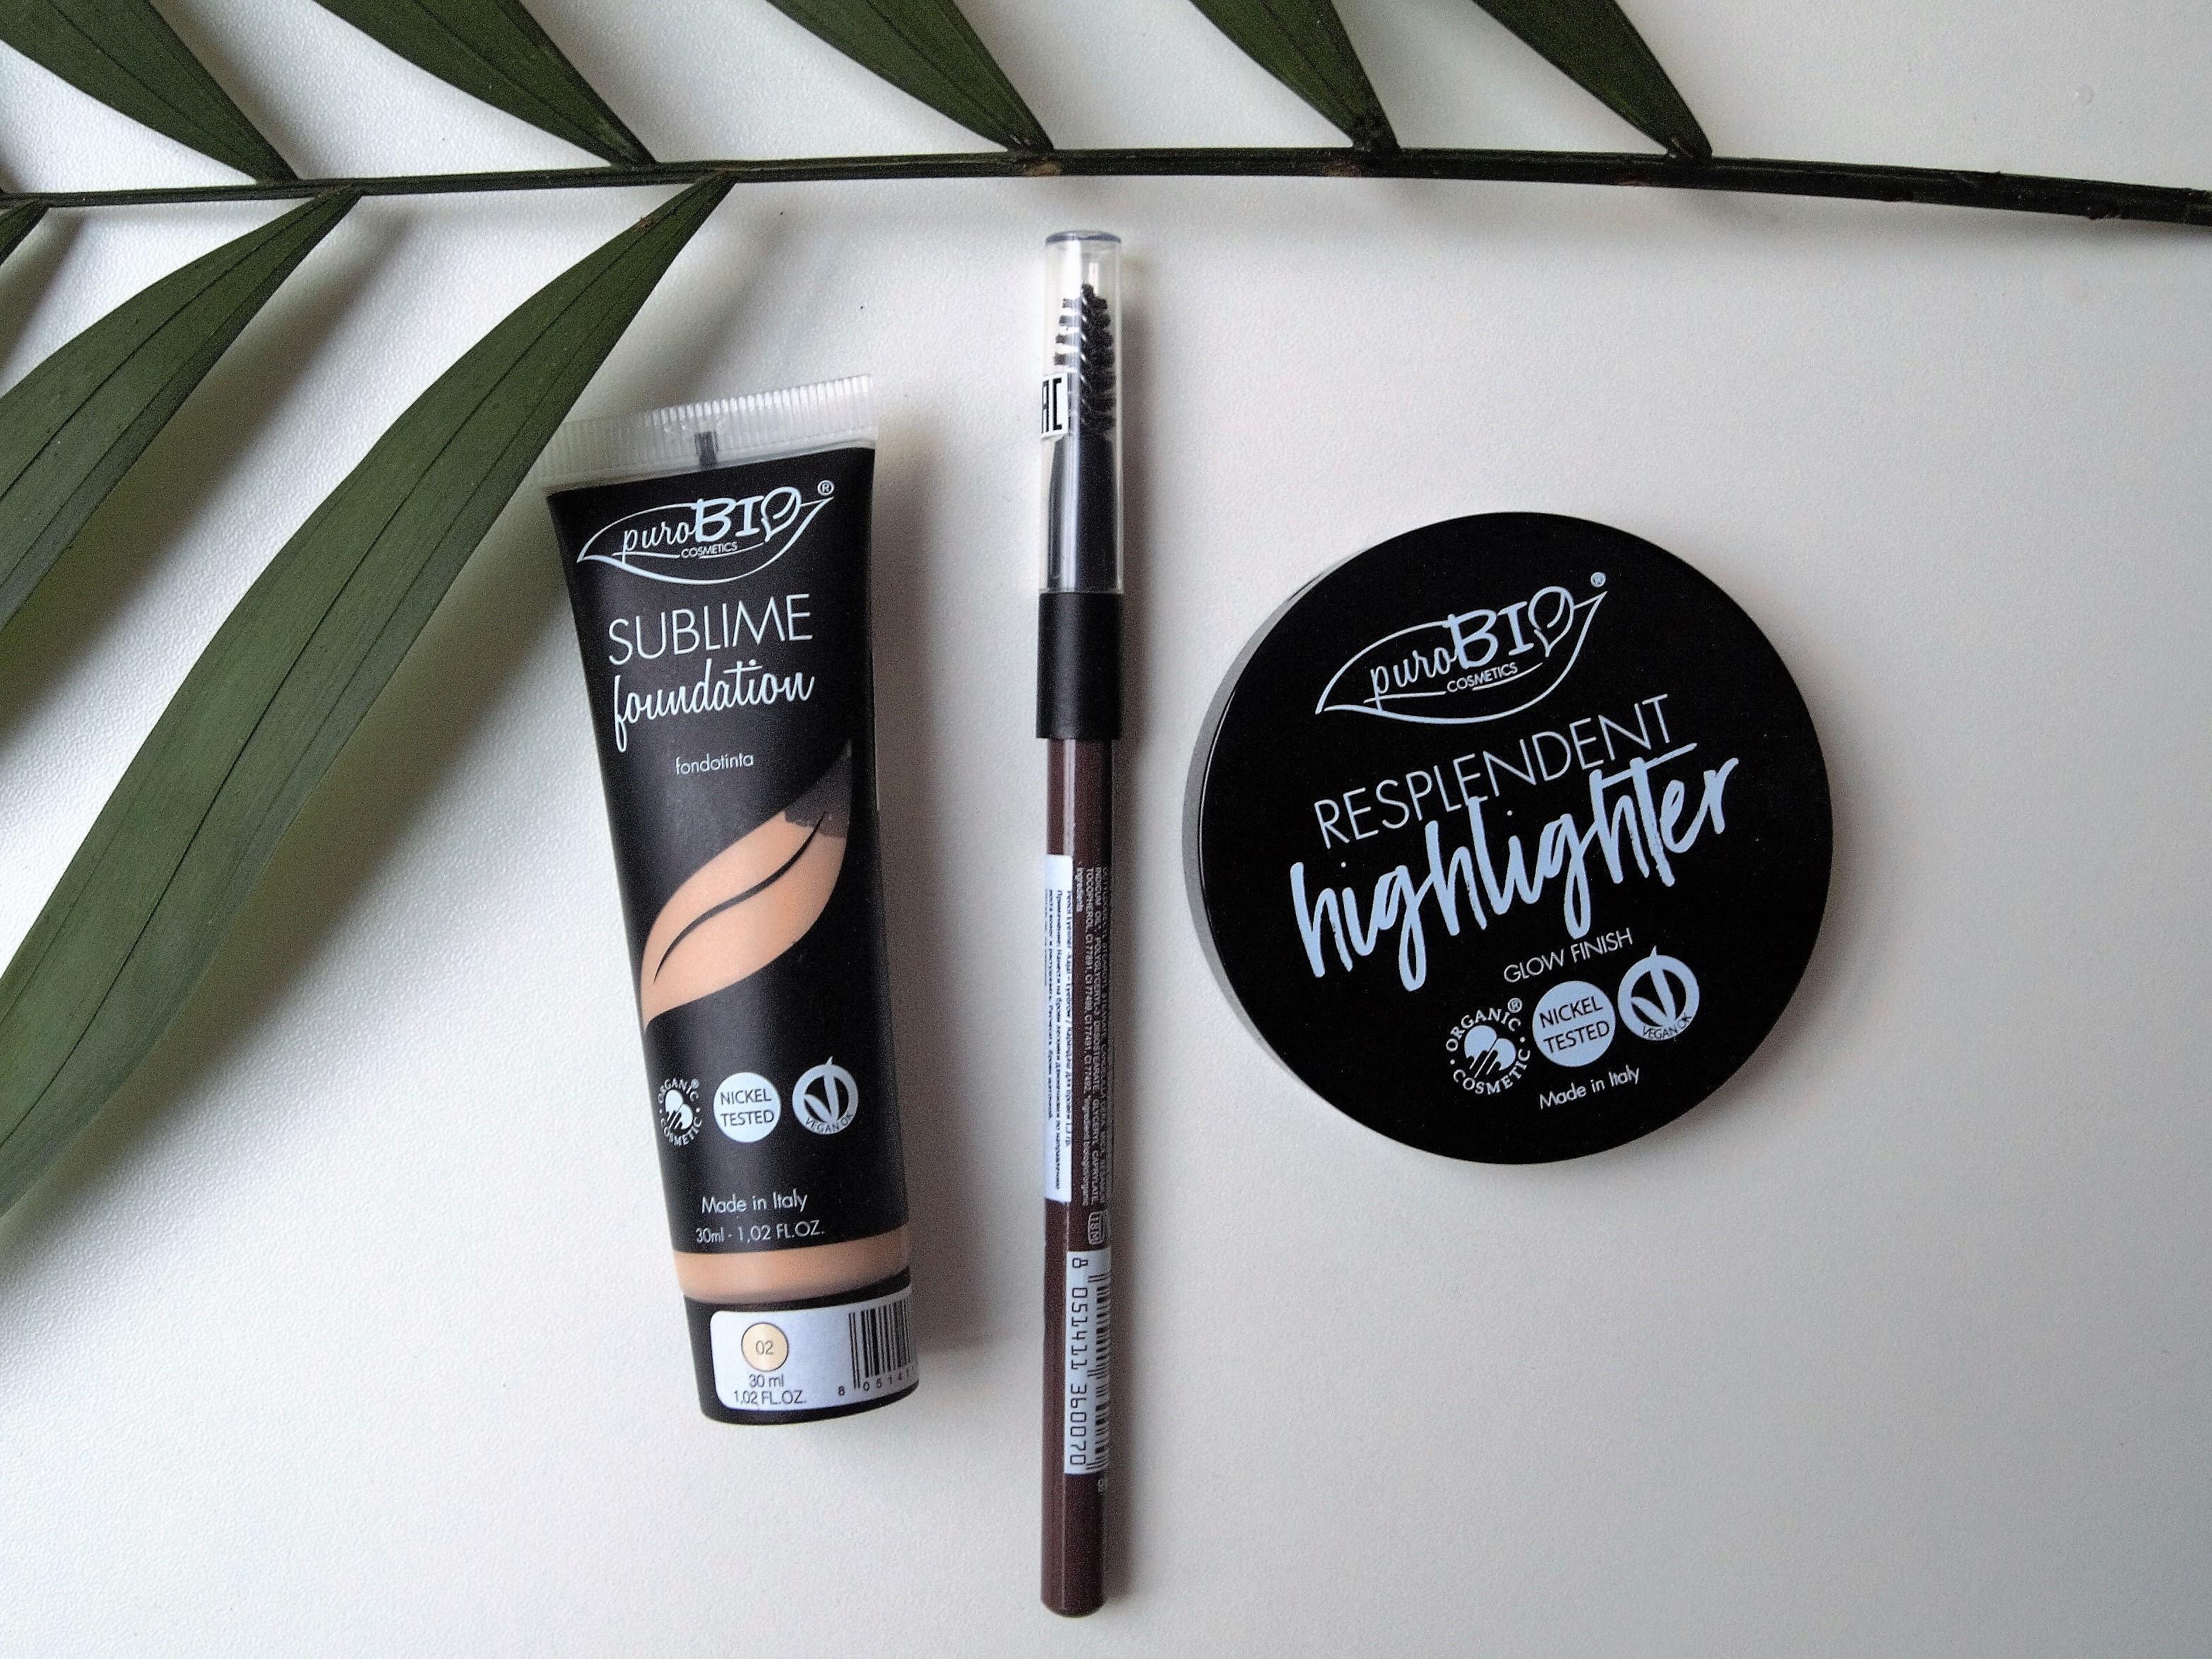 Натуральный тональный крем от нового итальянского бренда PuroBio cosmetics!